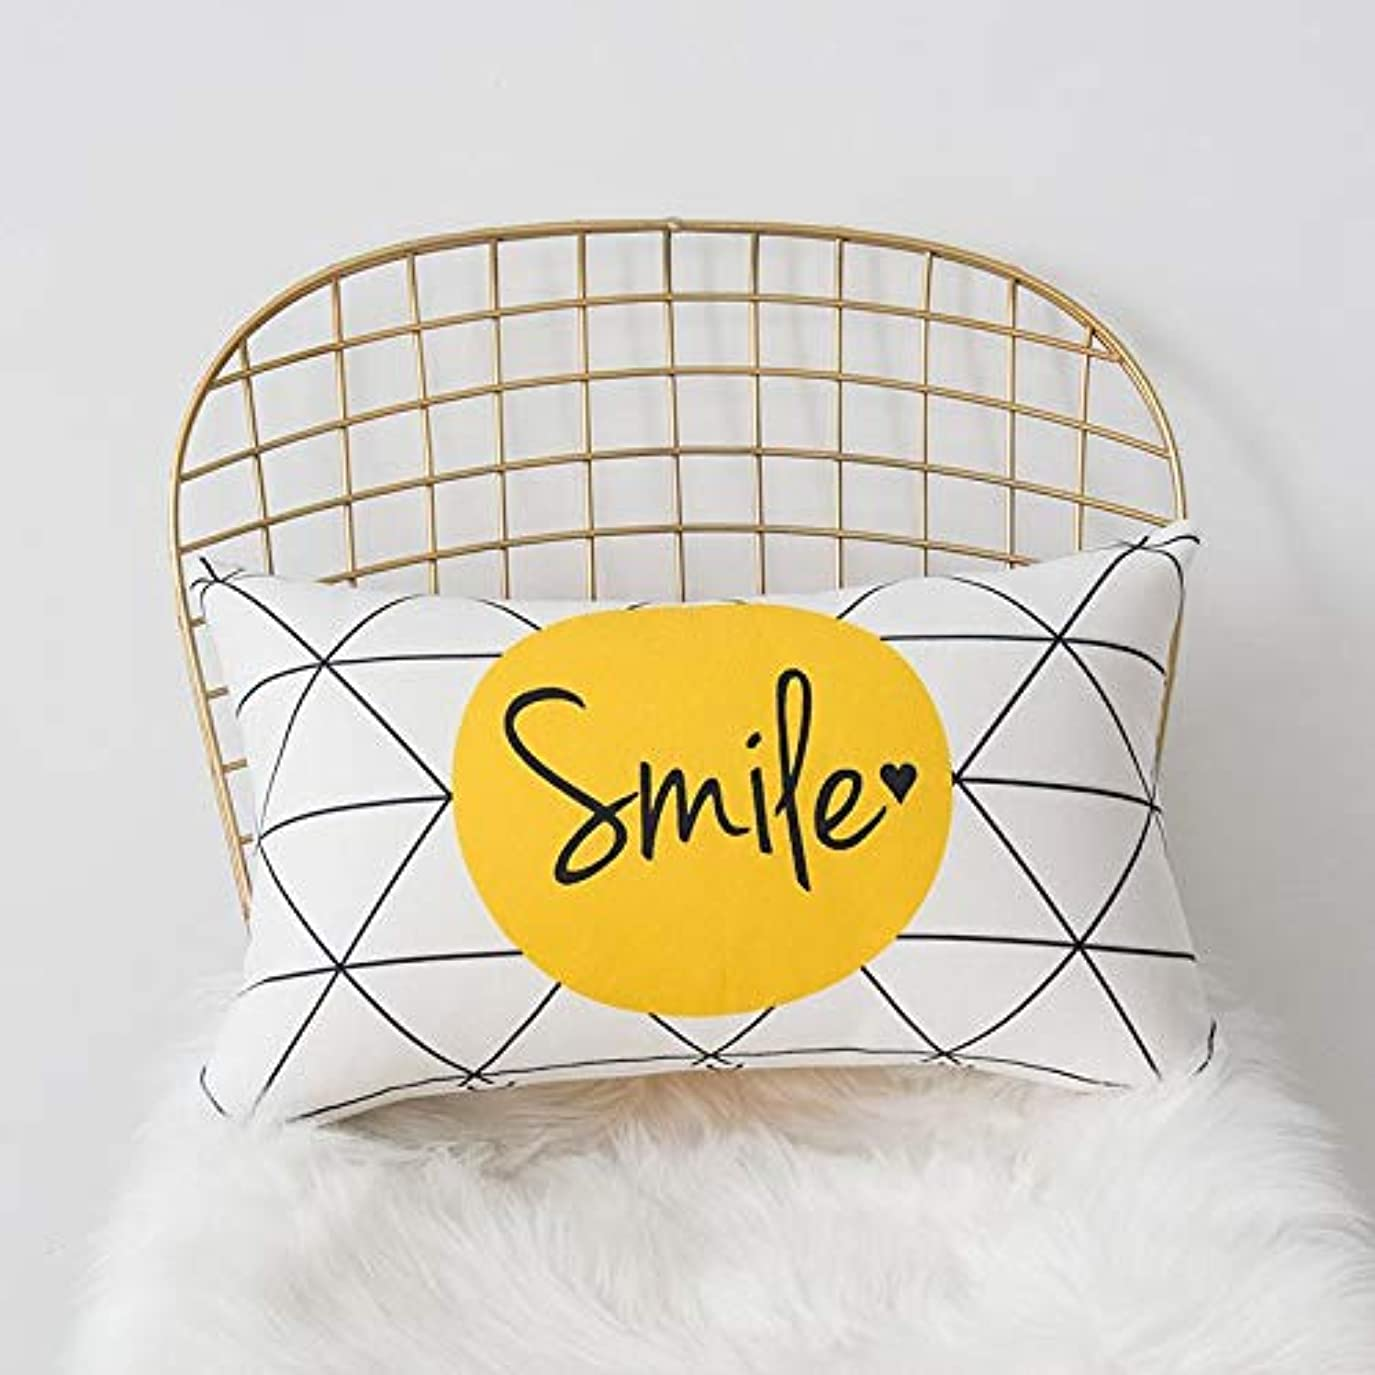 有望闘争バンガローLIFE 黄色グレー枕北欧スタイル黄色ヘラジカ幾何枕リビングルームのインテリアソファクッション Cojines 装飾良質 クッション 椅子